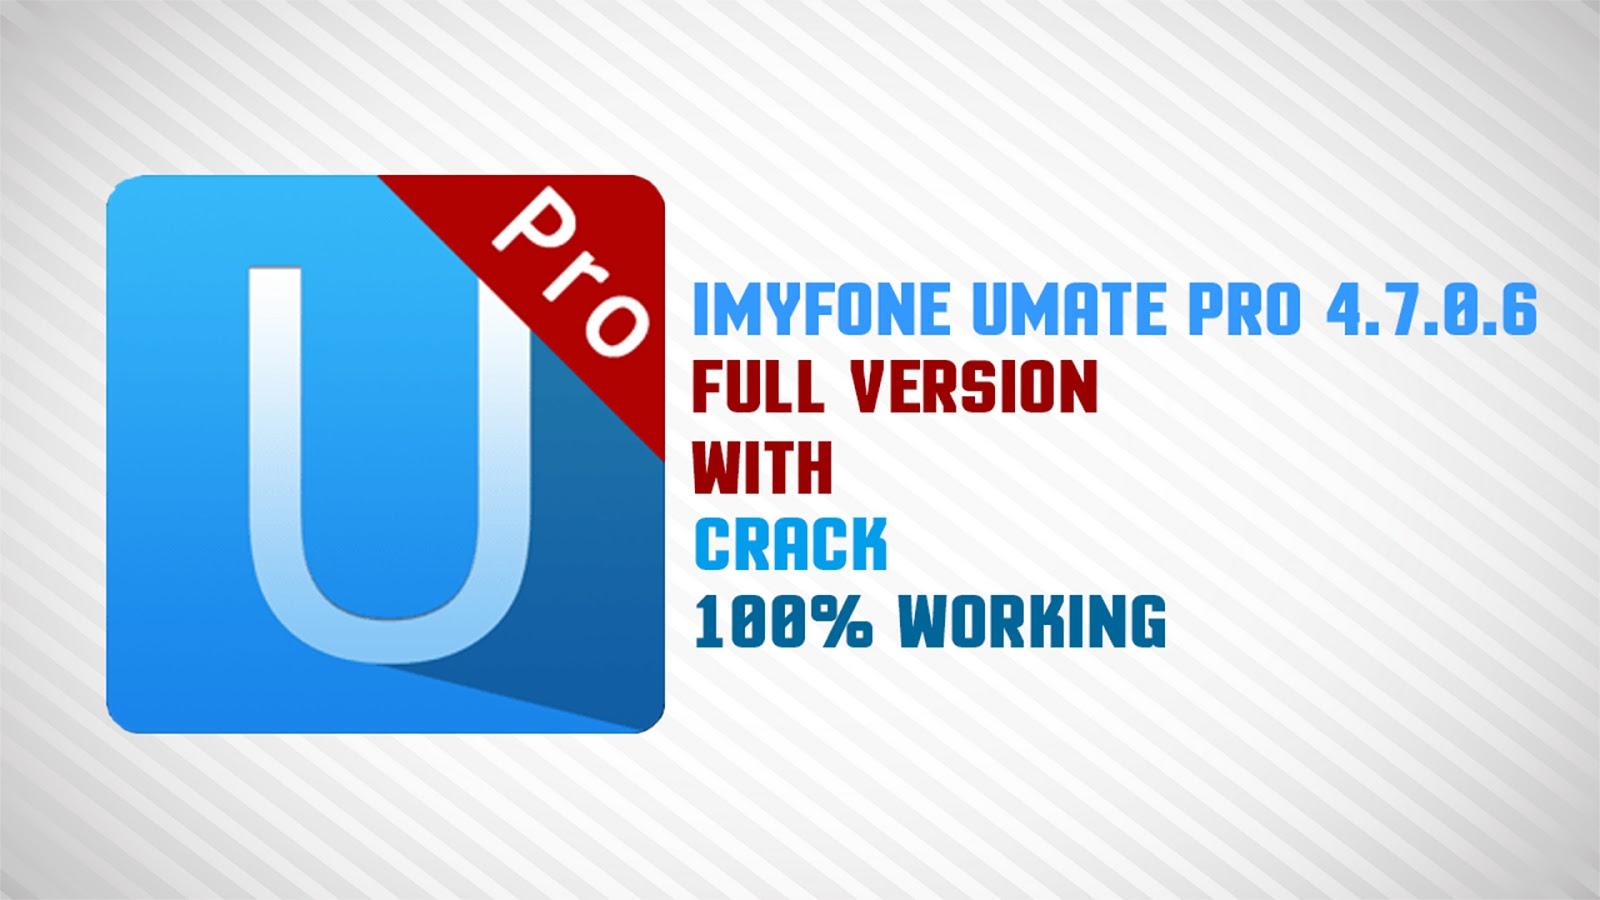 imyfone umate pro download crack